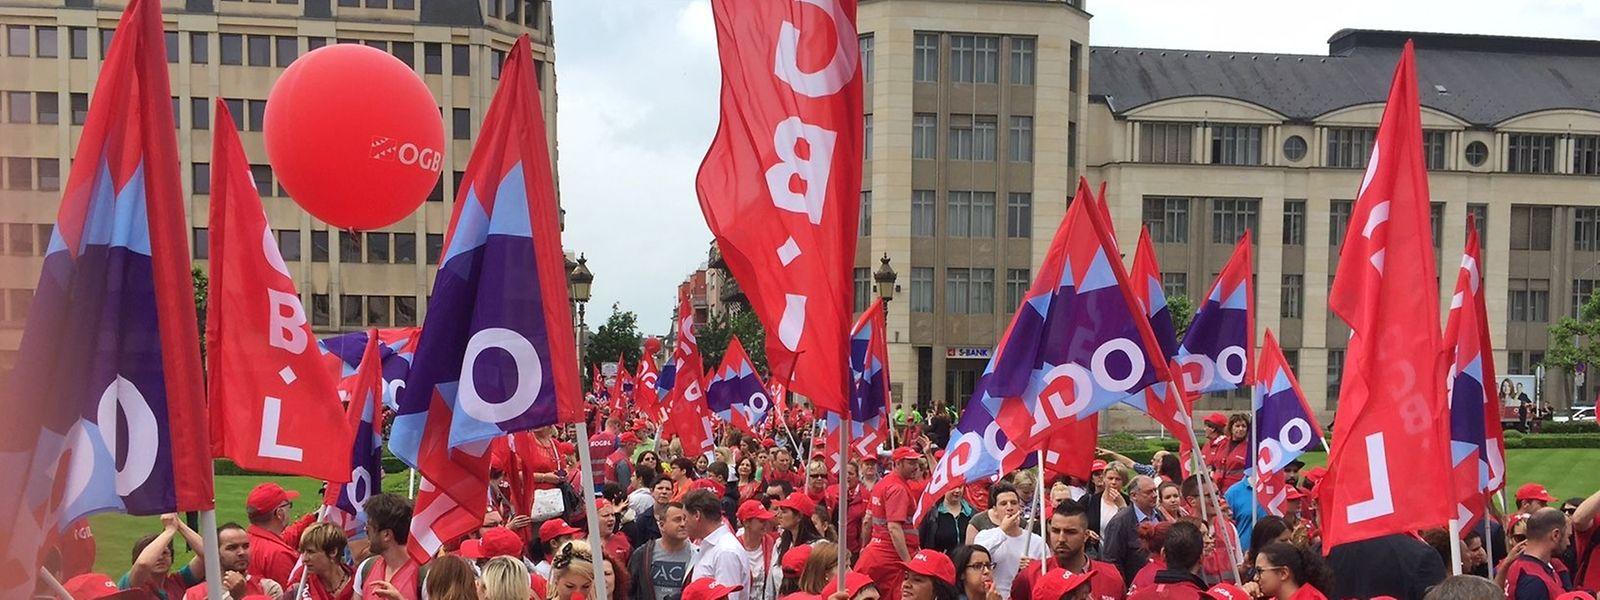 Die Gewerkschaften schätzten die Teilnahme auf 9.000 Menschen. Die Polizei sprach von rund 6.500 Personen.